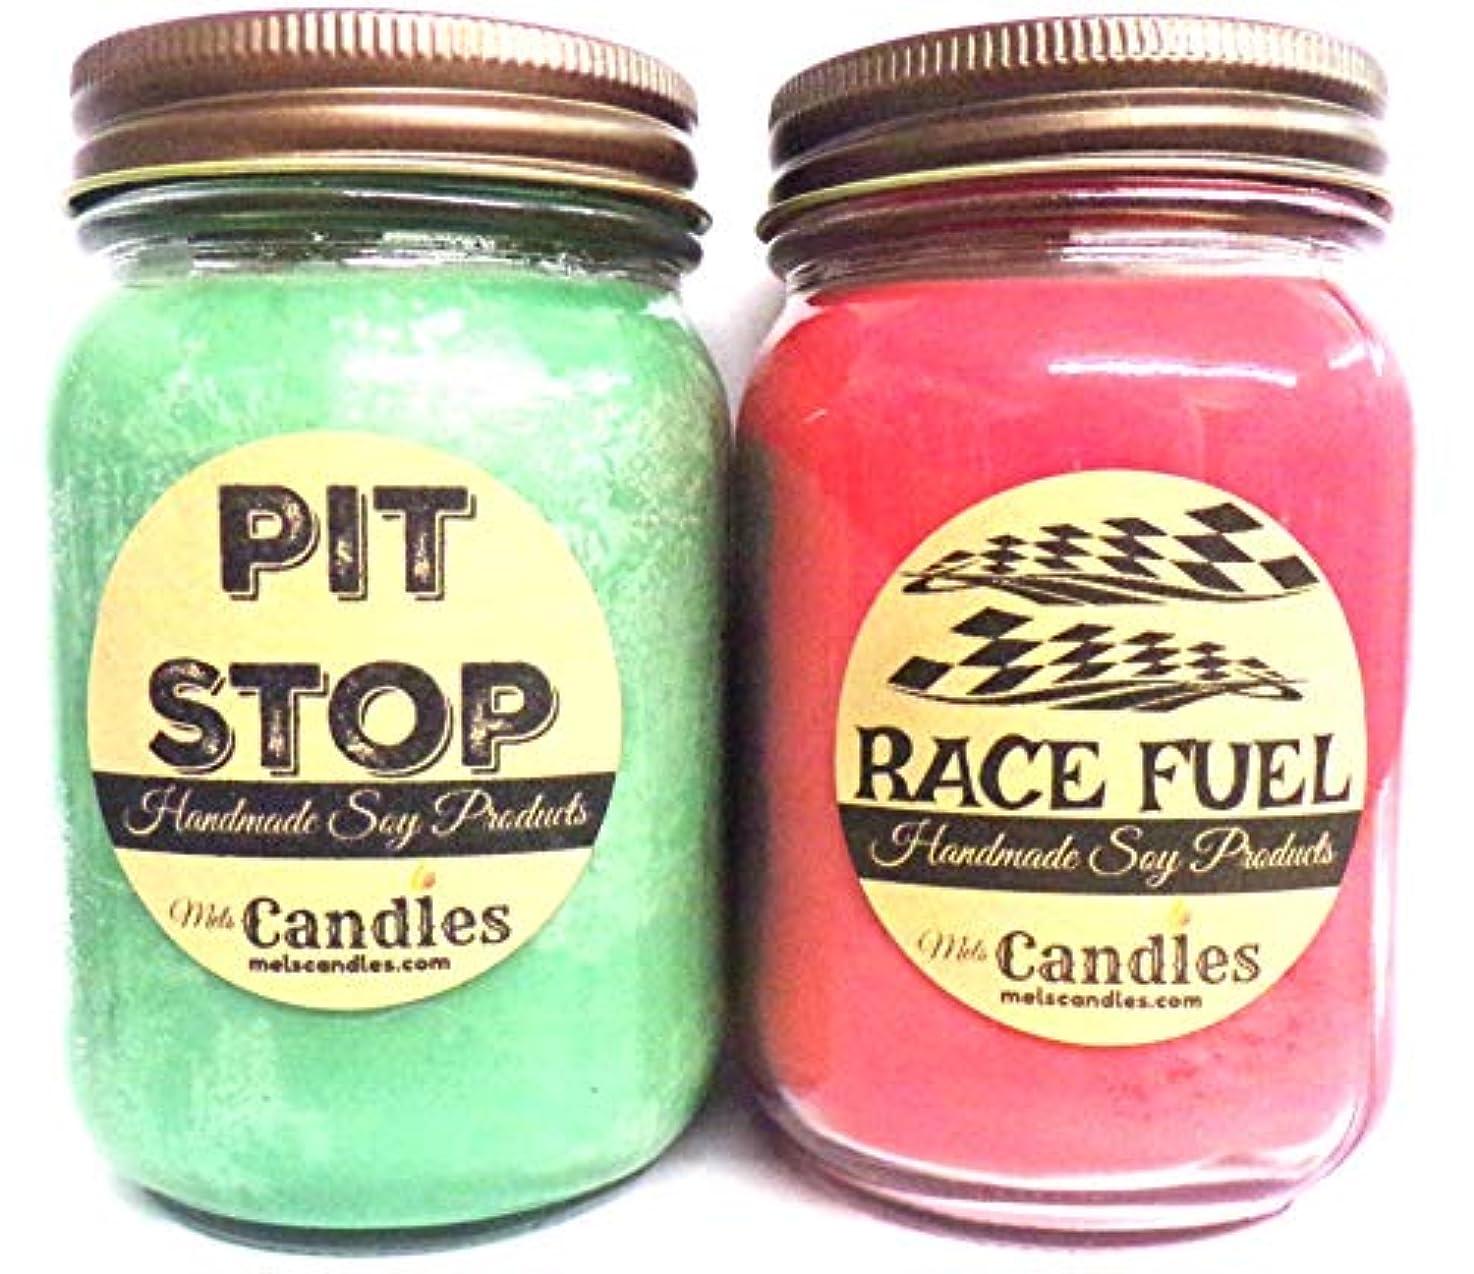 聴衆哲学博士バルコニーコンボ – Pit Stop & Race燃料のセット2つ16oz国Jar大豆キャンドルGreat Unique Scents for Men